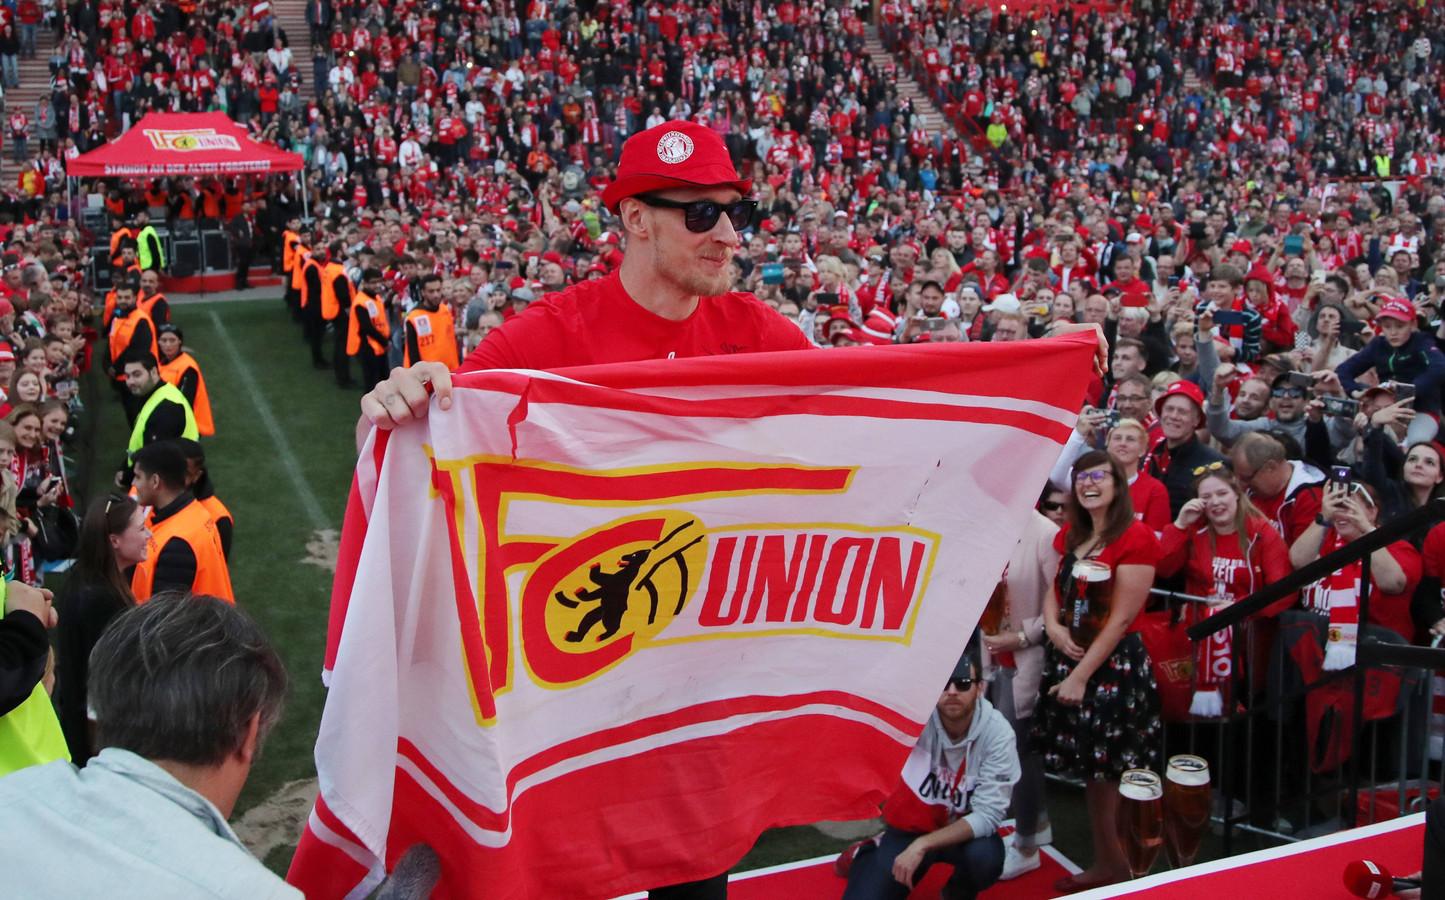 Fans van Union Berlin vieren de promotie naar de Bundesliga.